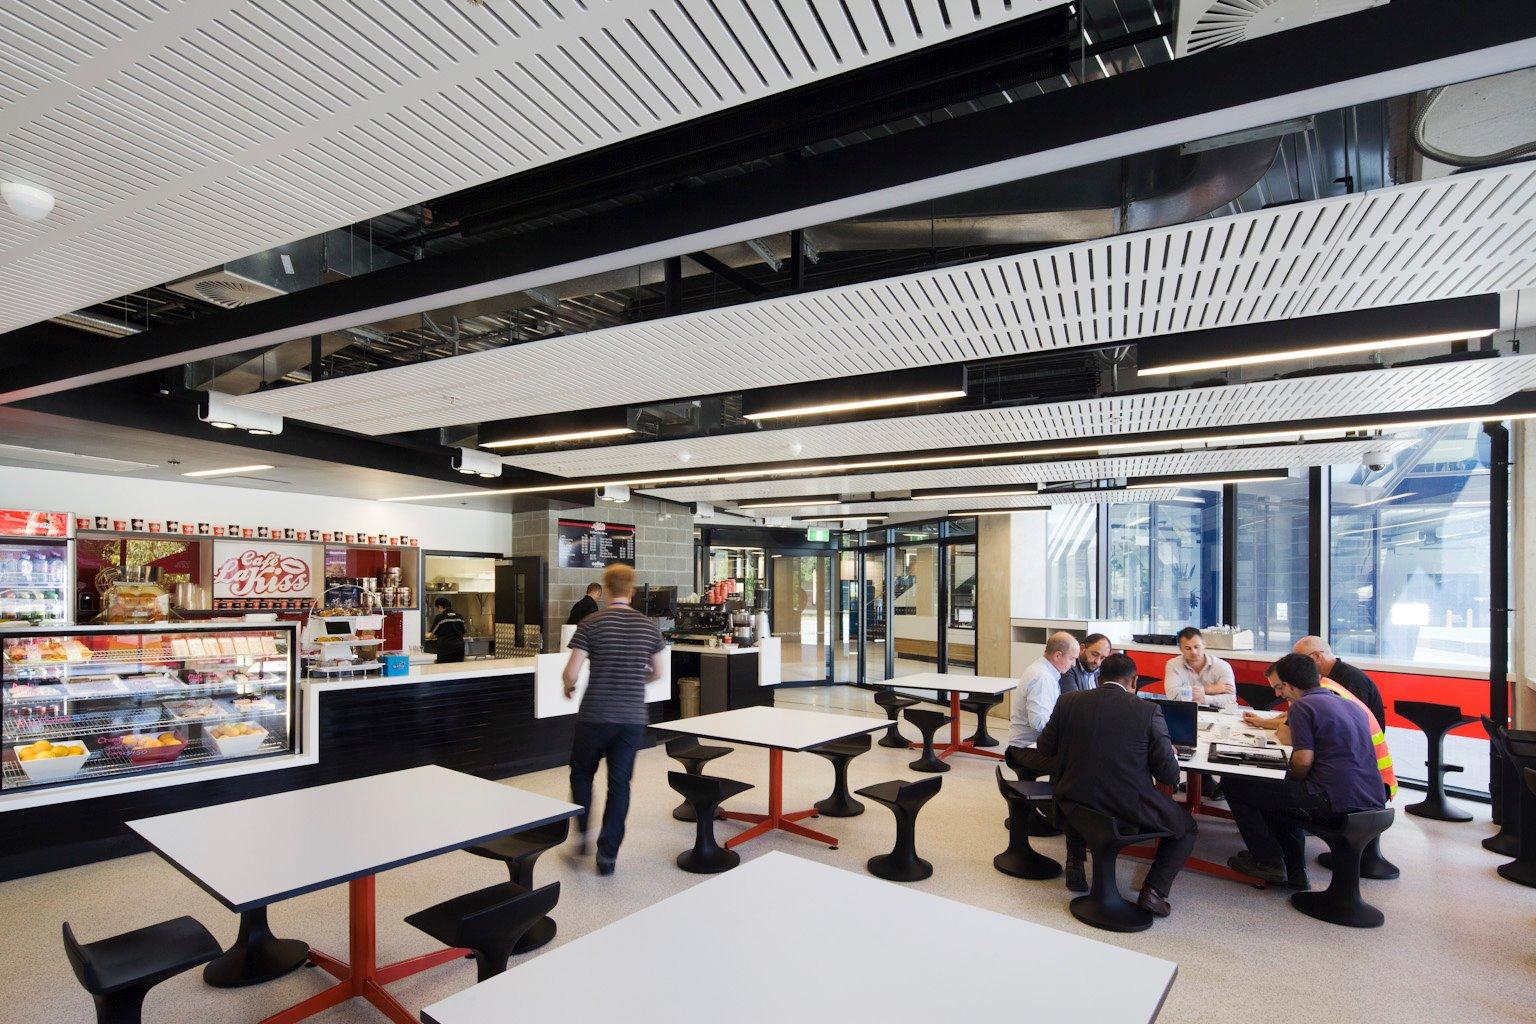 澳洲留學 - Automotive 汽車機械修護課程 Kangan Institute 墨爾本 坎根 公立技術學院